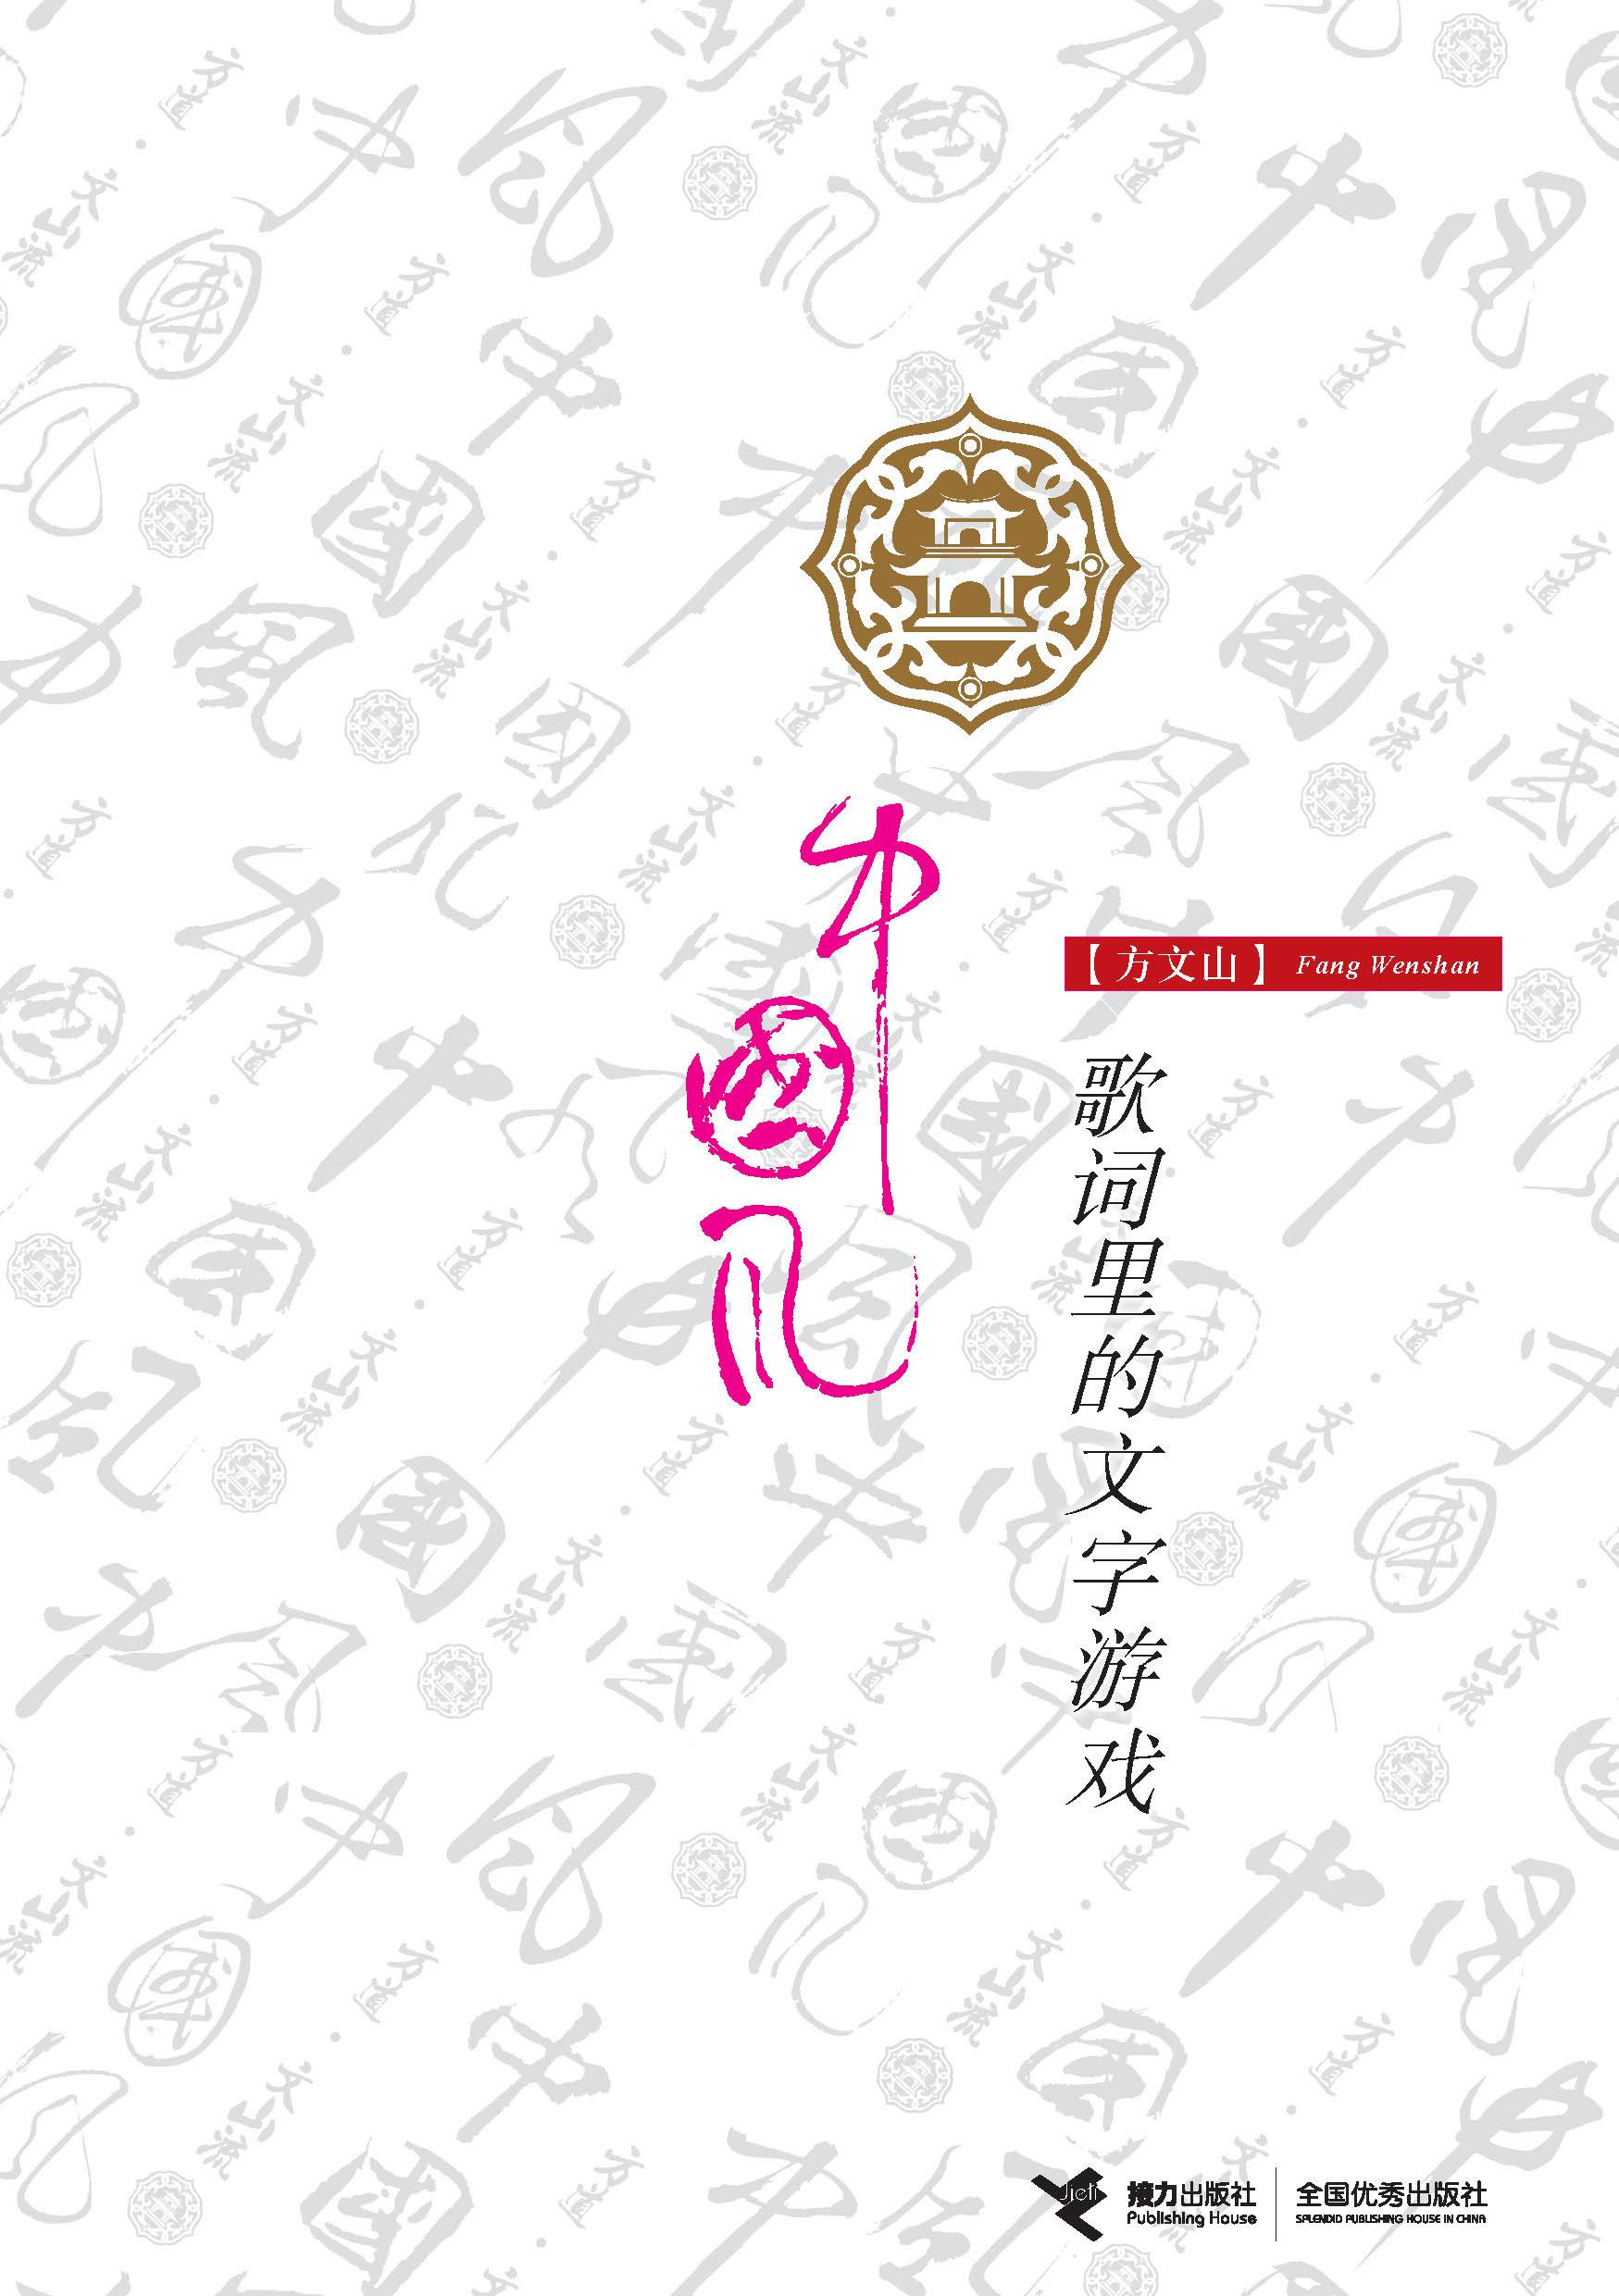 中国风:歌词里的文字游戏